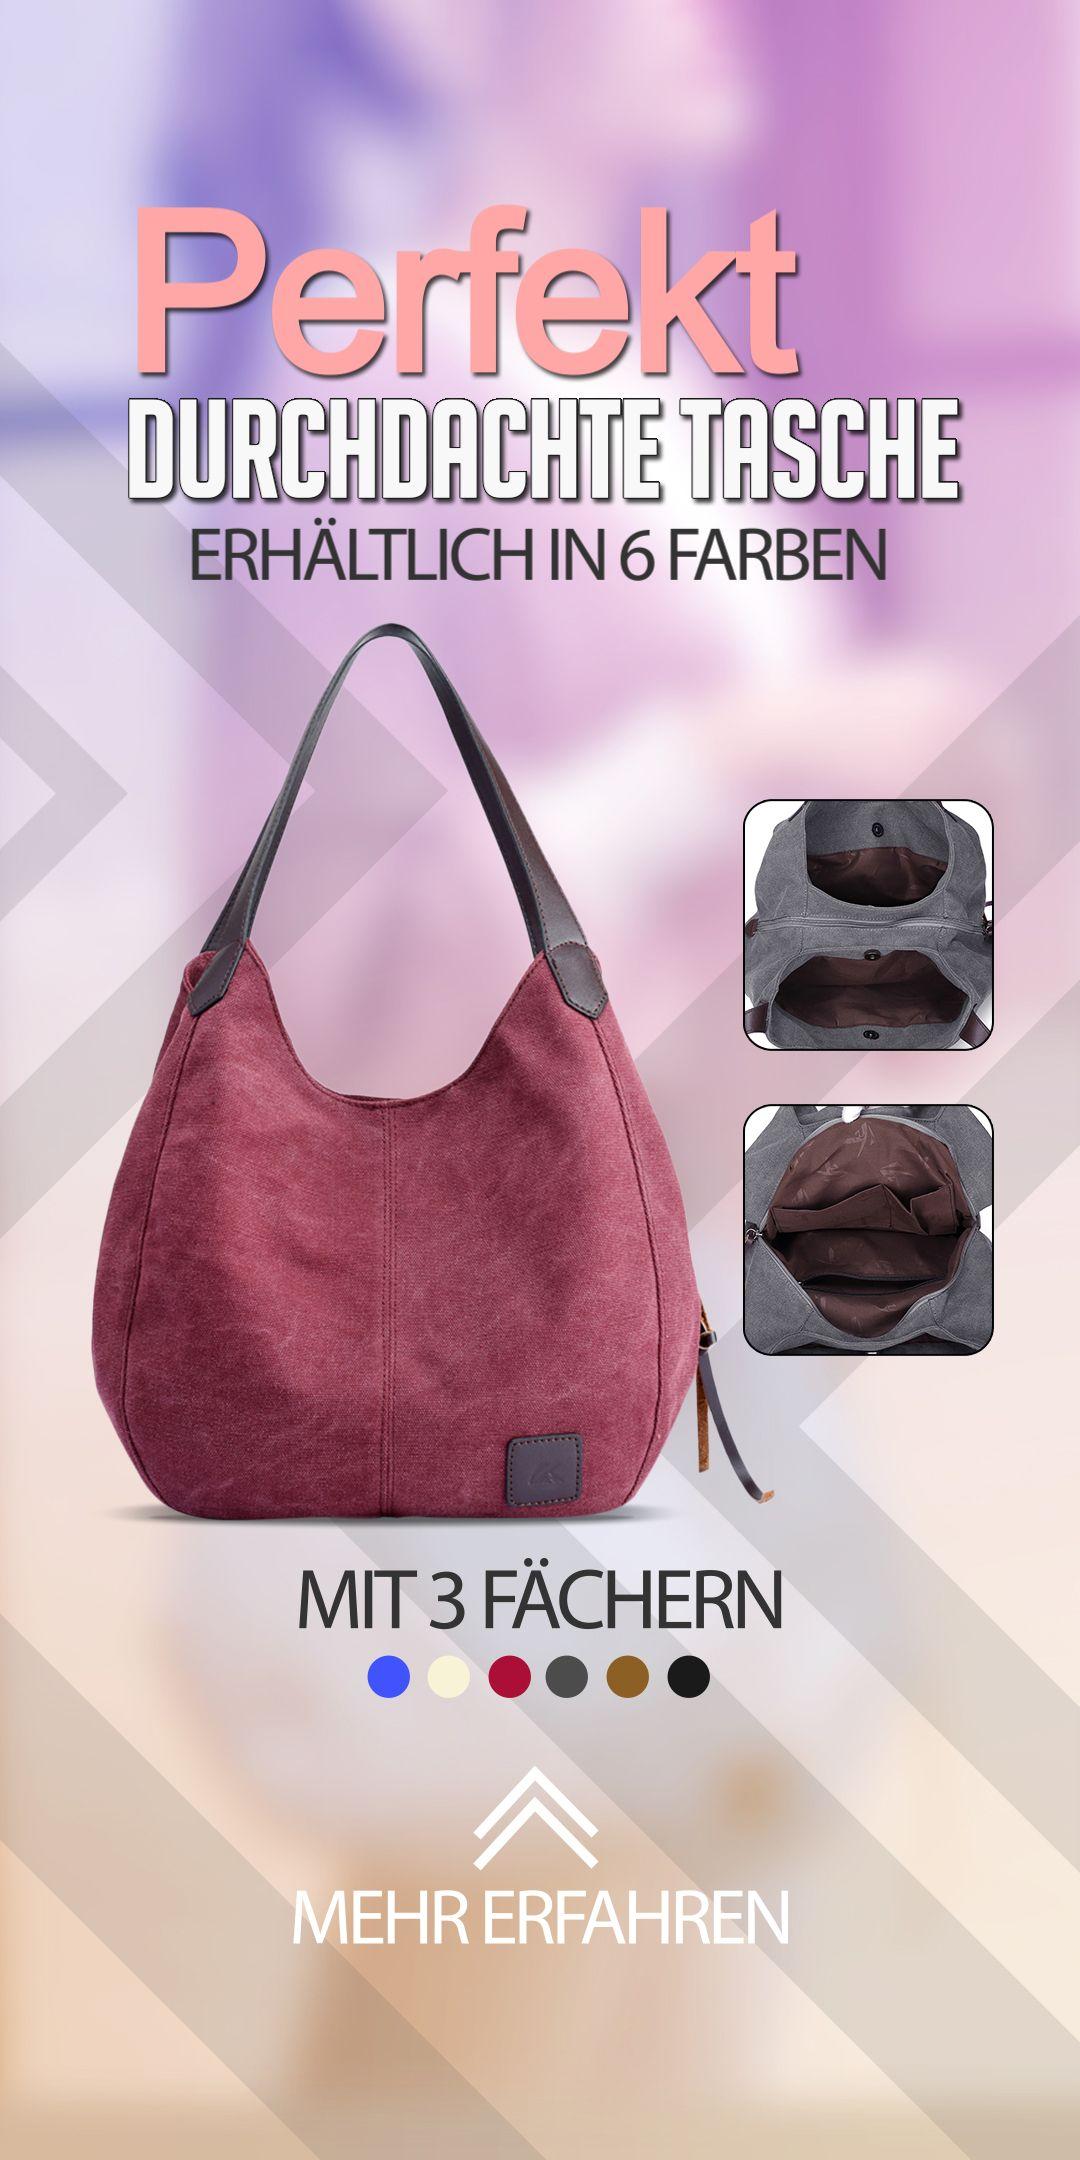 Die perfekt durchdachte Tasche. Die Eliana besticht durch ihr tolles Design sowi…